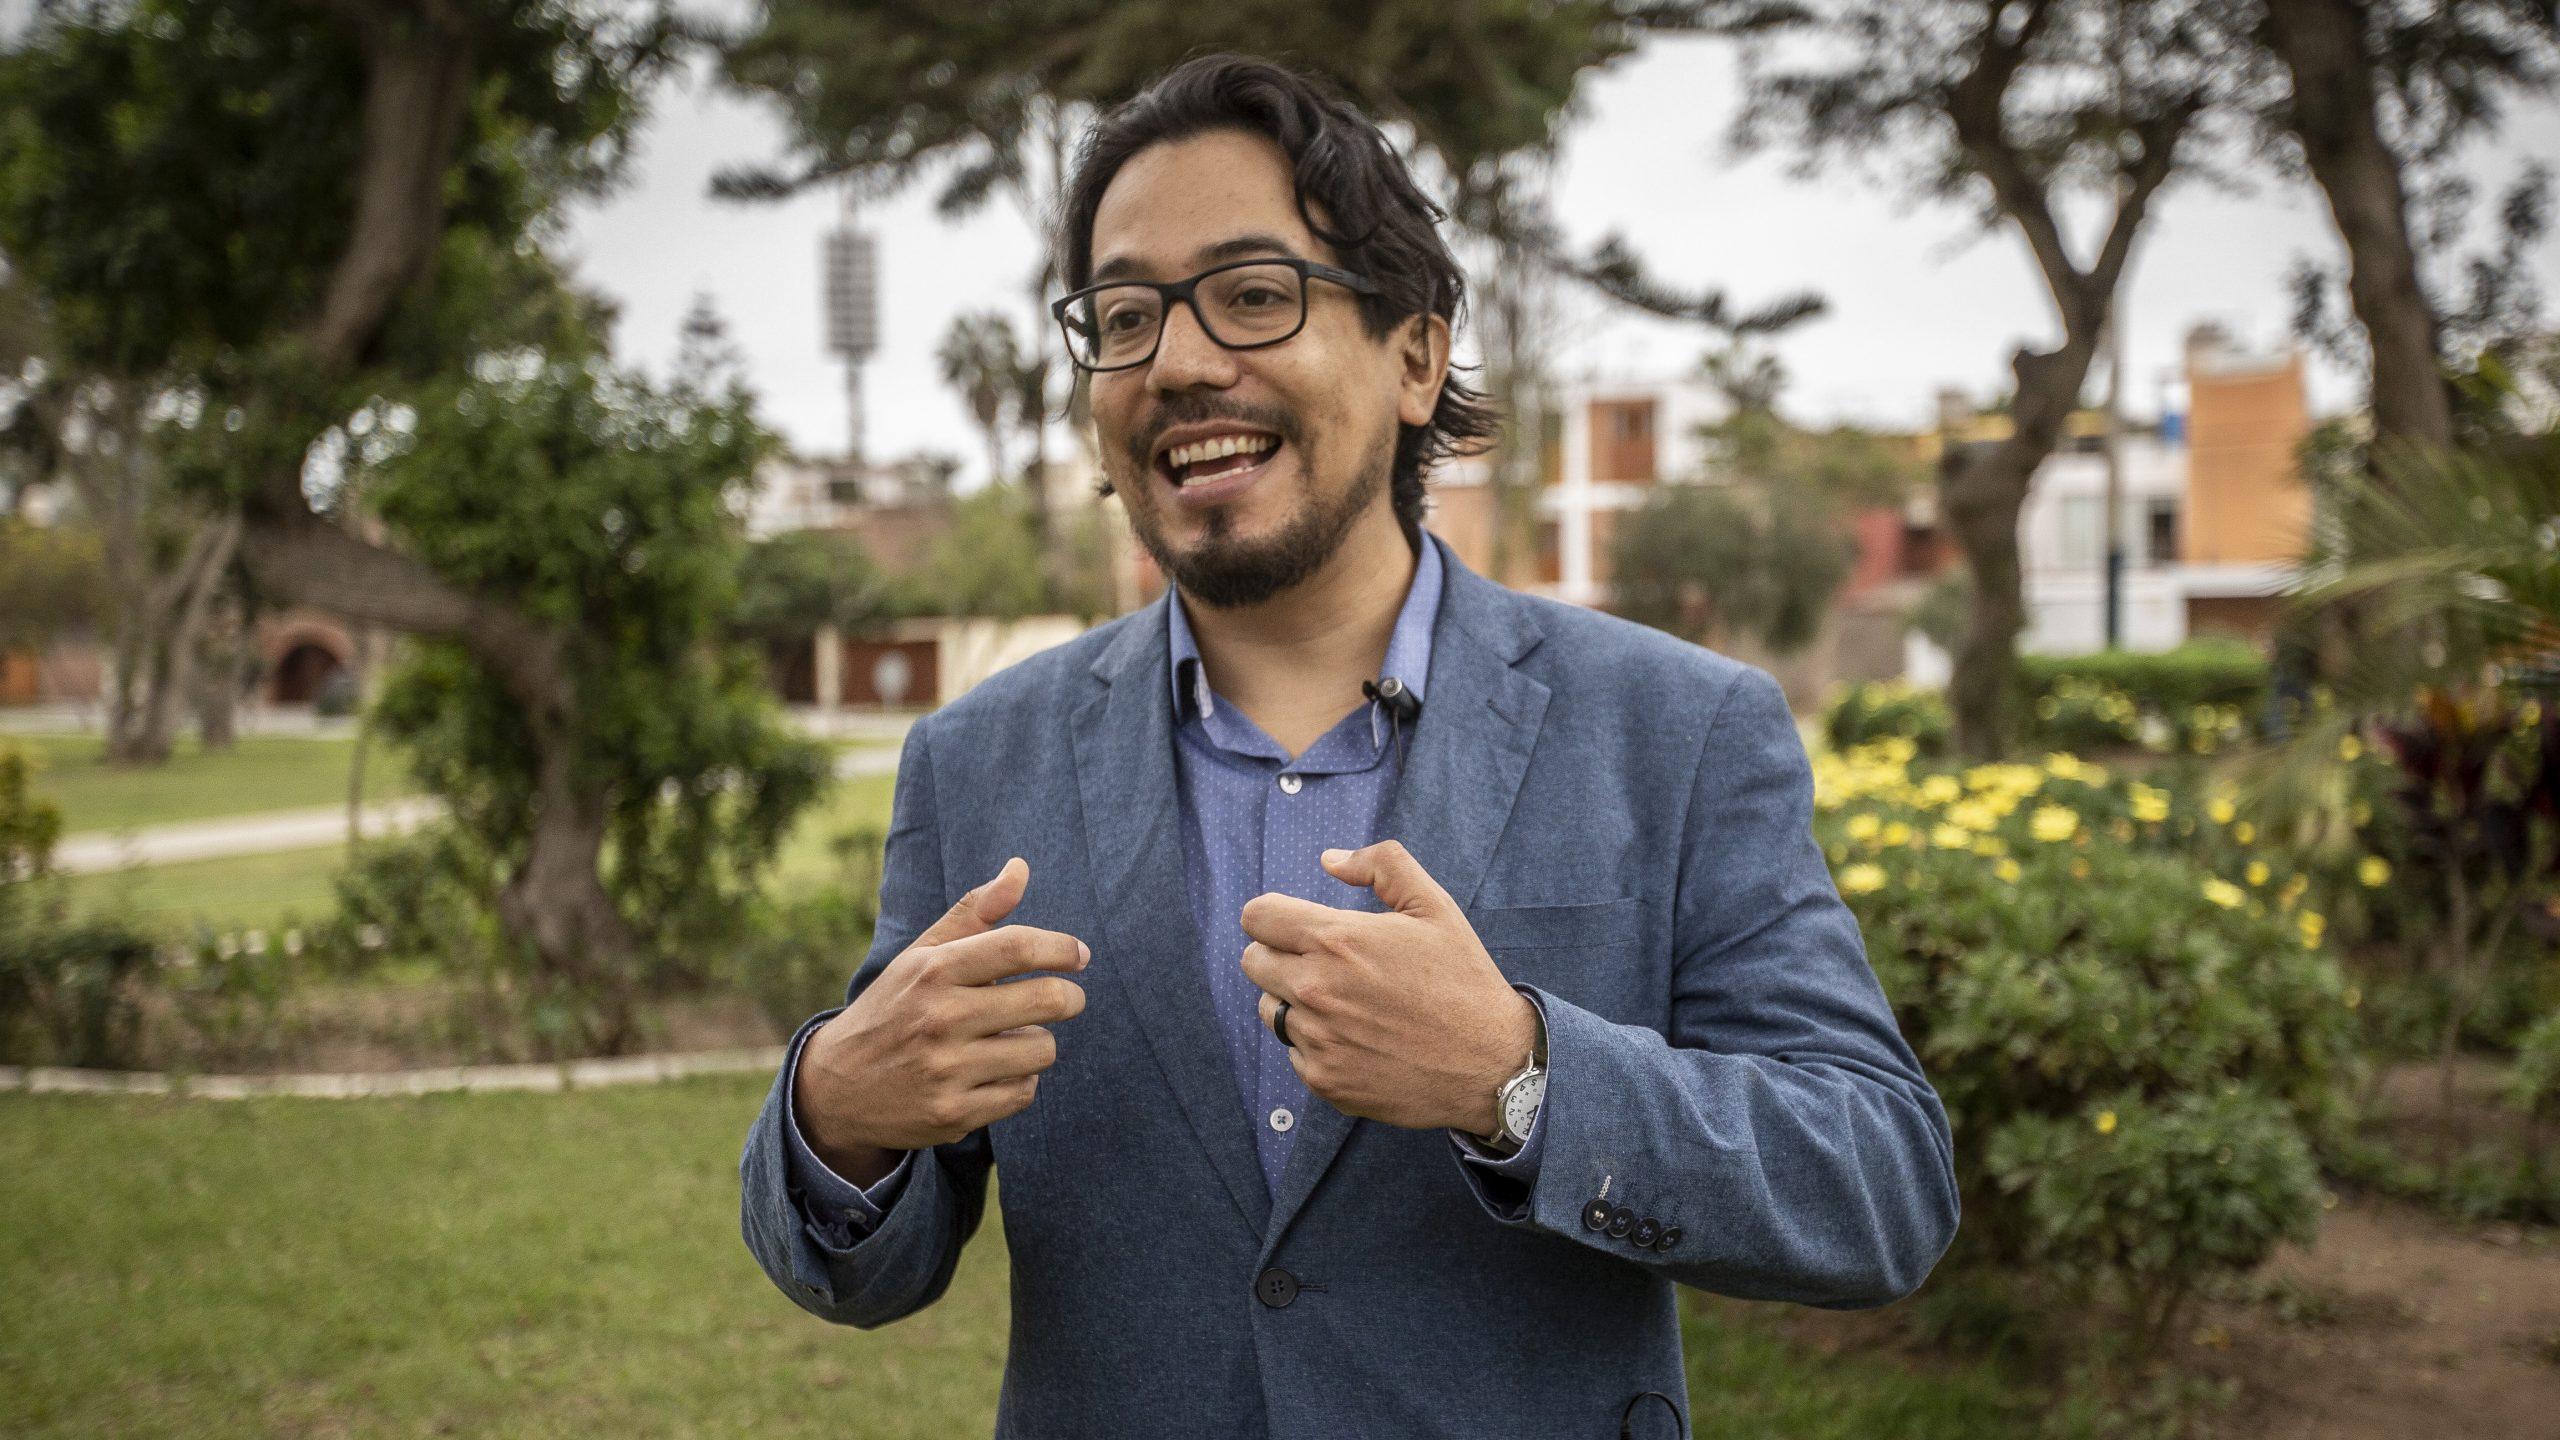 En Perú, para hacer una transición energética democrática existen retos políticos enormes, señala experto